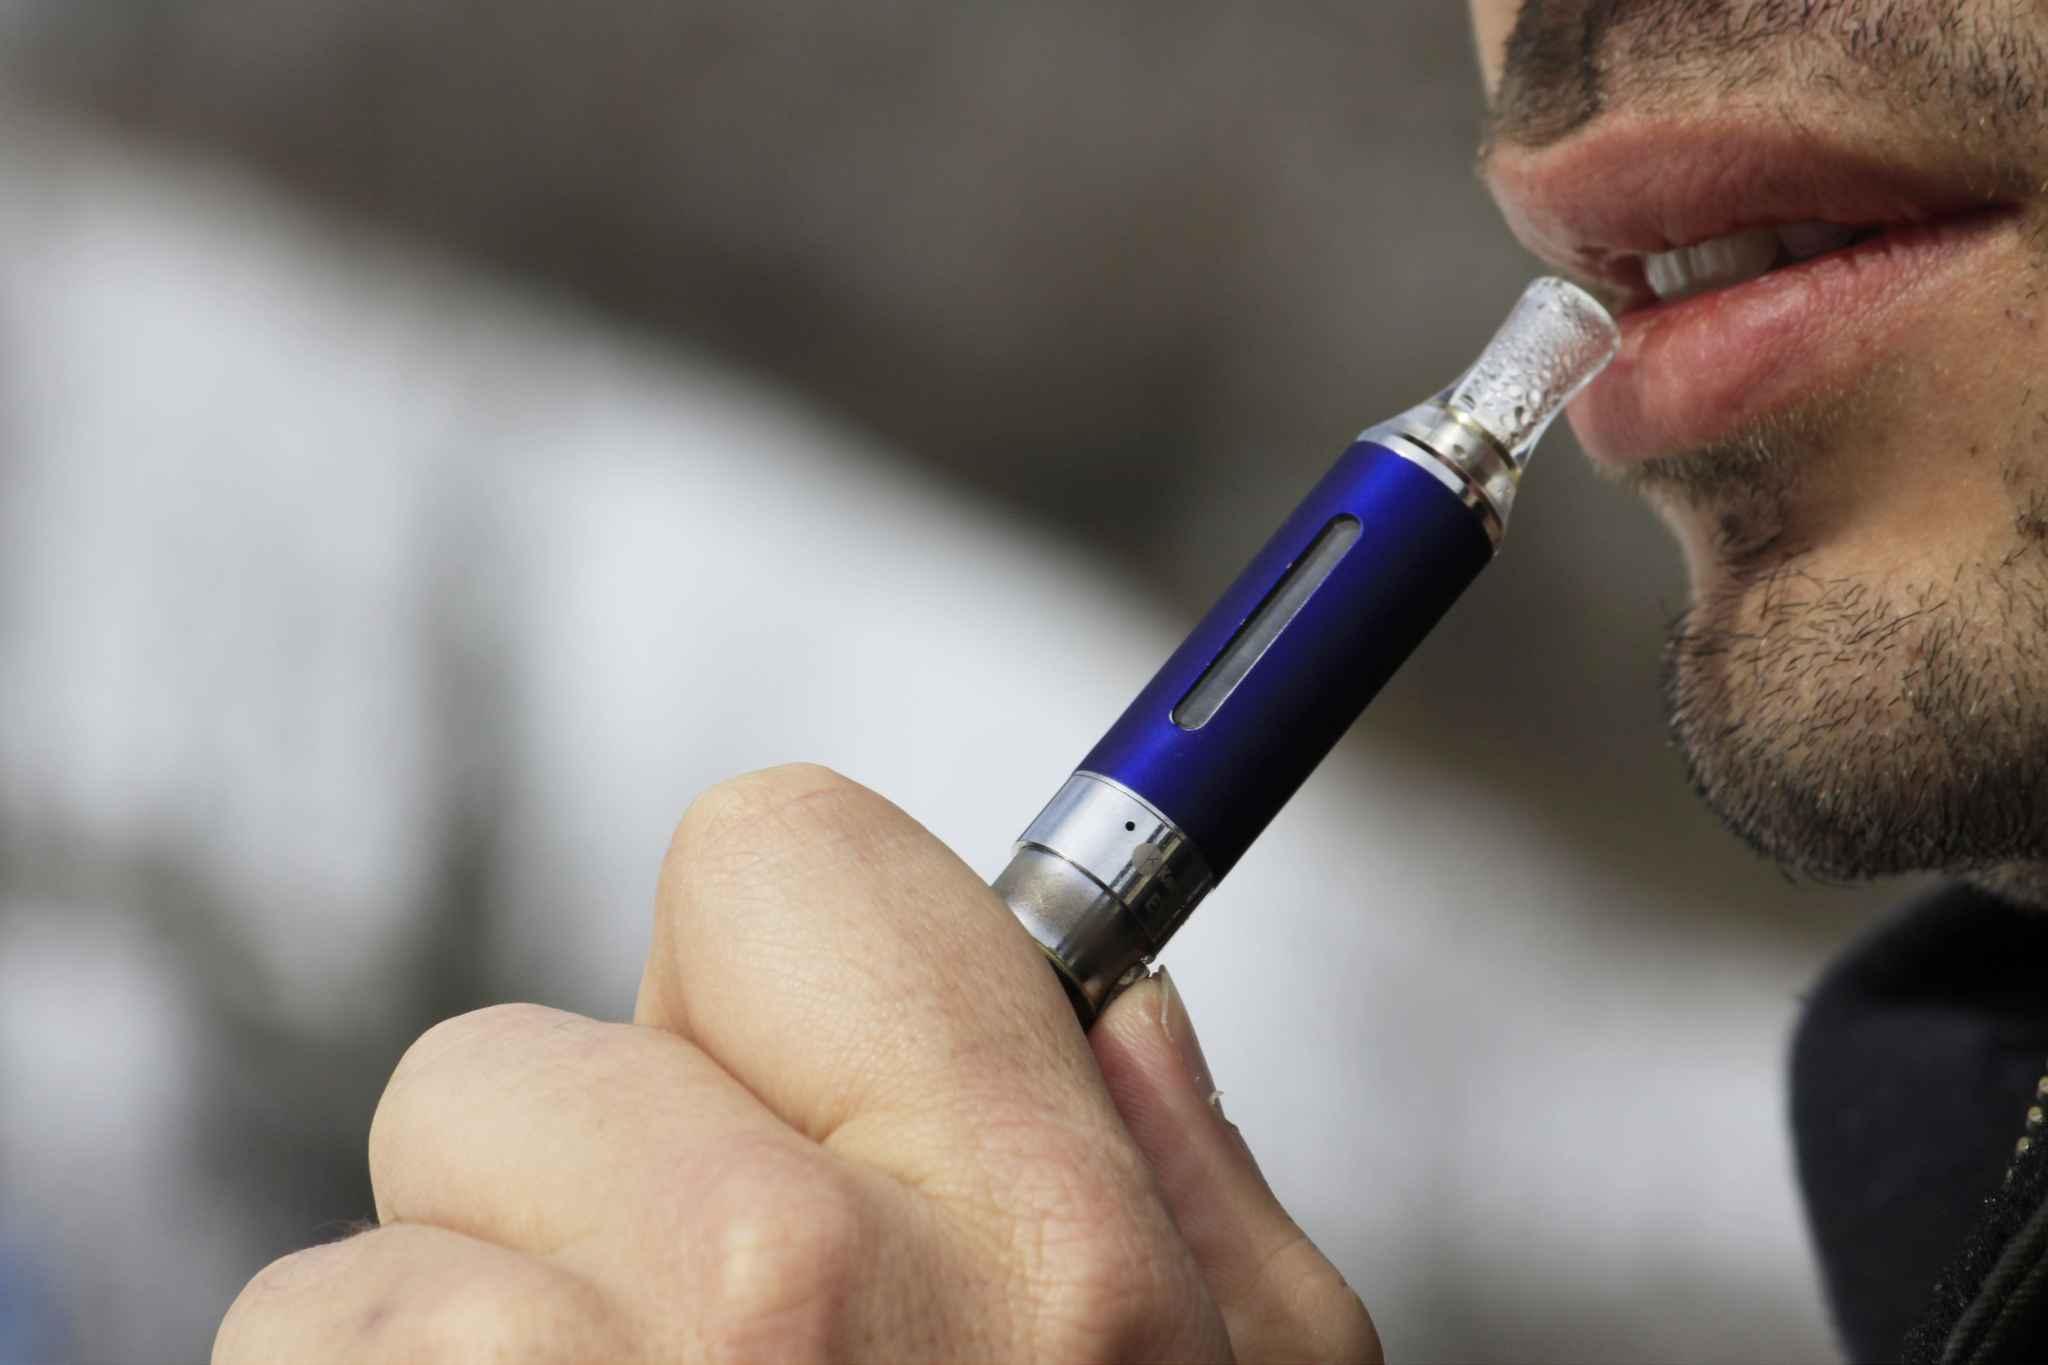 La dépendance de nicotine chimique